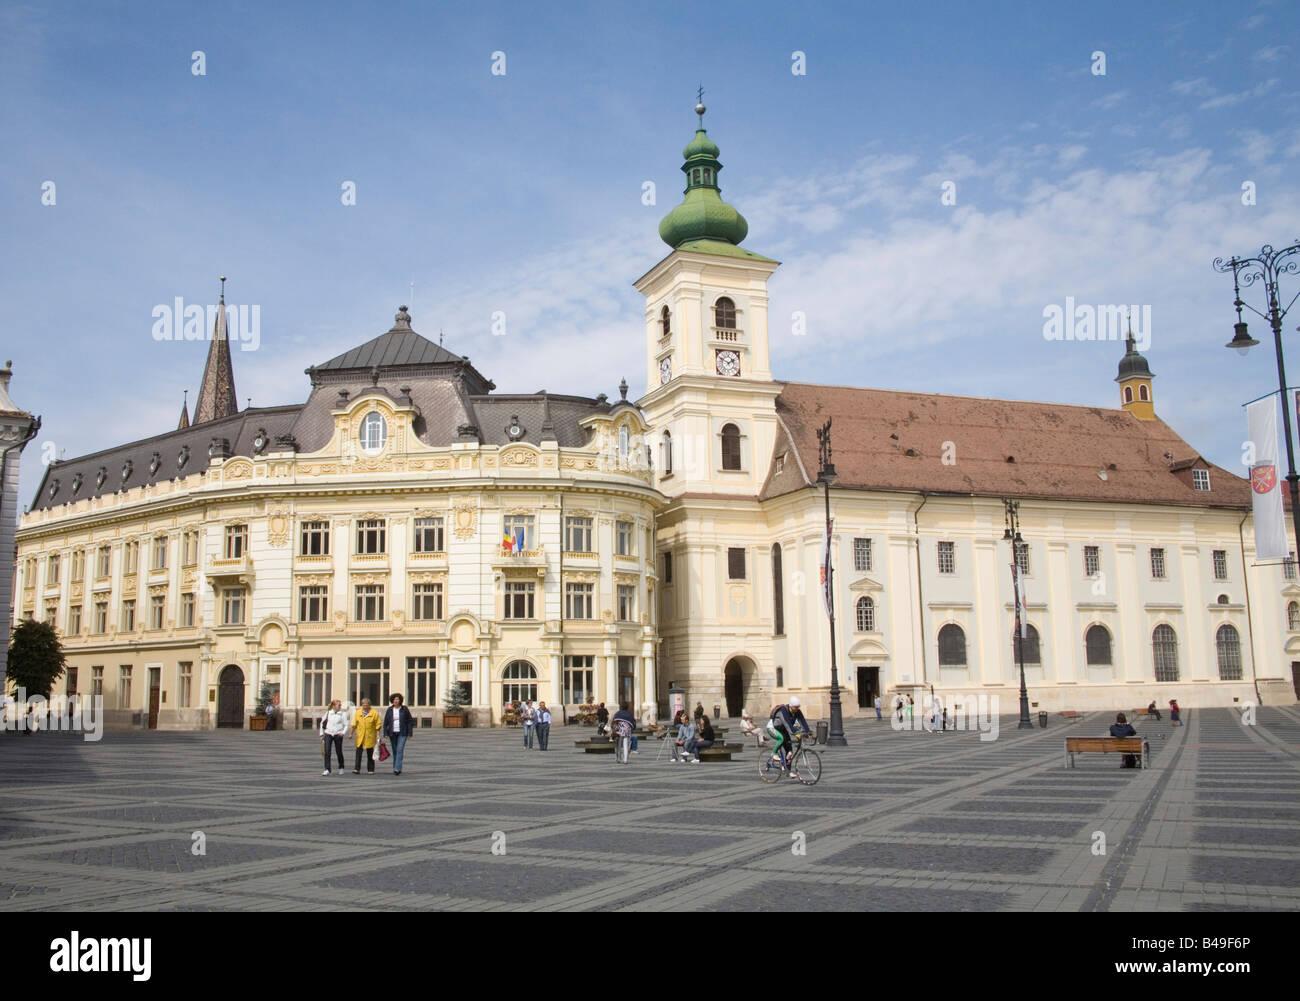 Sibiu Transylvania Romania Europe September pedestrianised Piata Mare towards Rathaus and Katholische Kirche - Stock Image